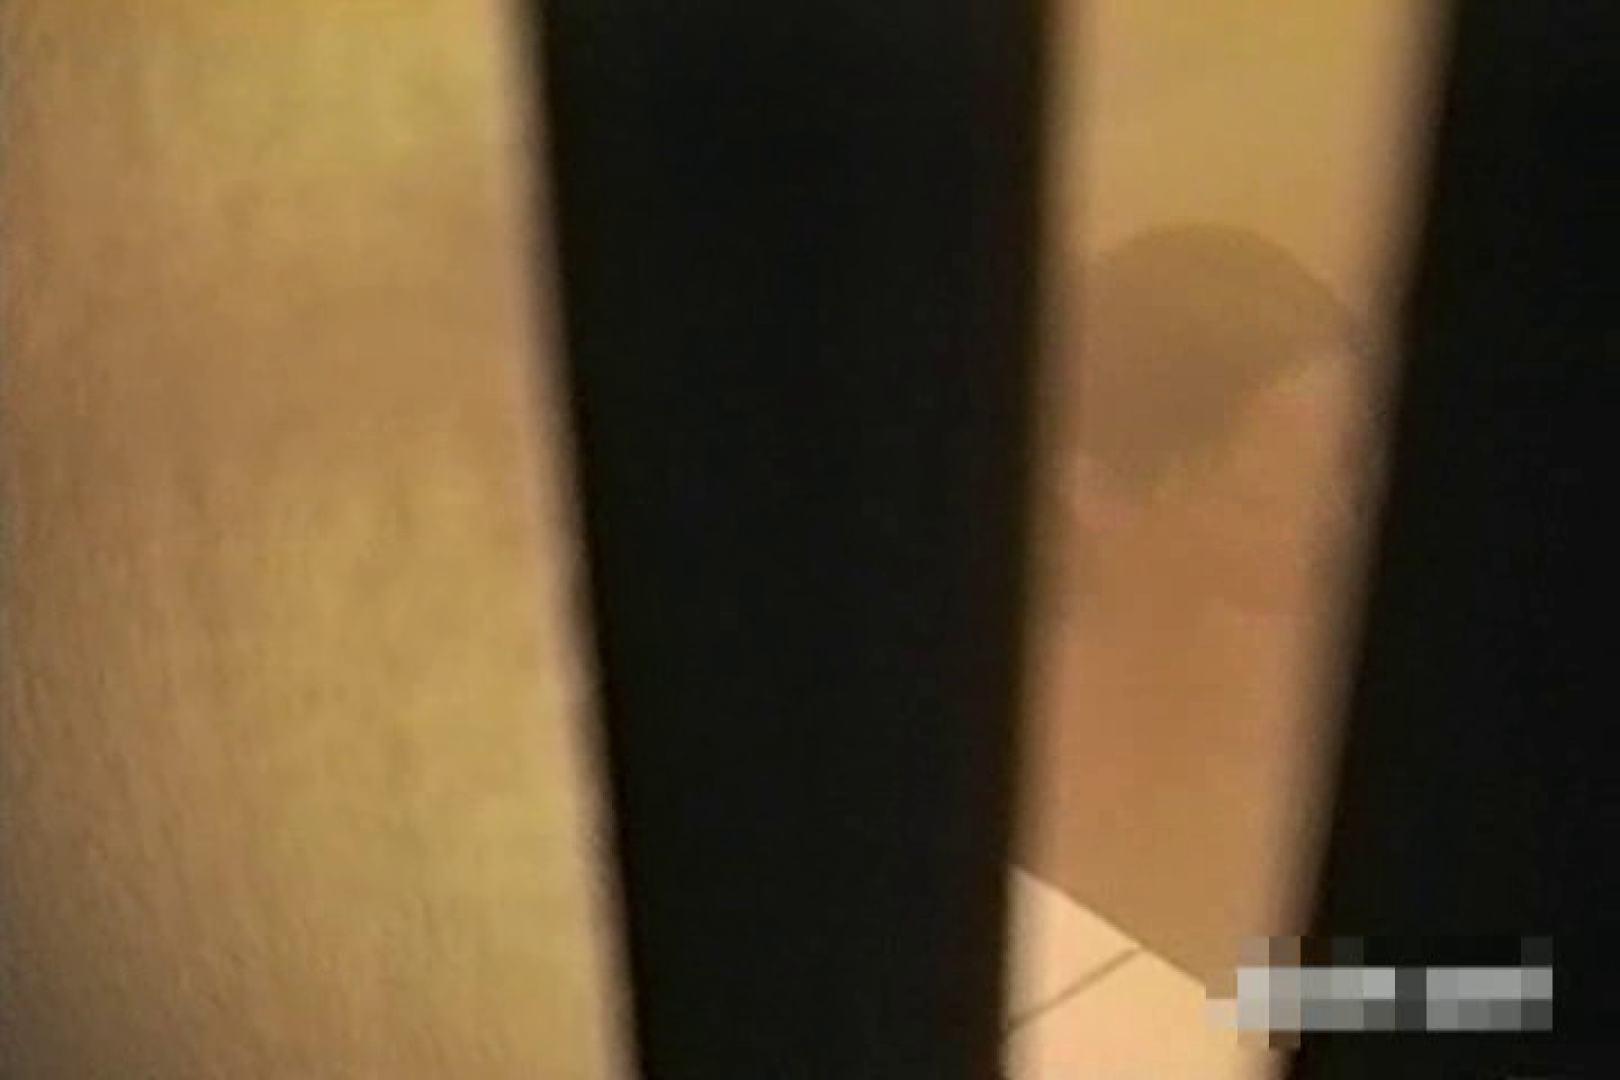 激撮ストーカー記録あなたのお宅拝見しますVol.2 乳首 濡れ場動画紹介 66画像 29